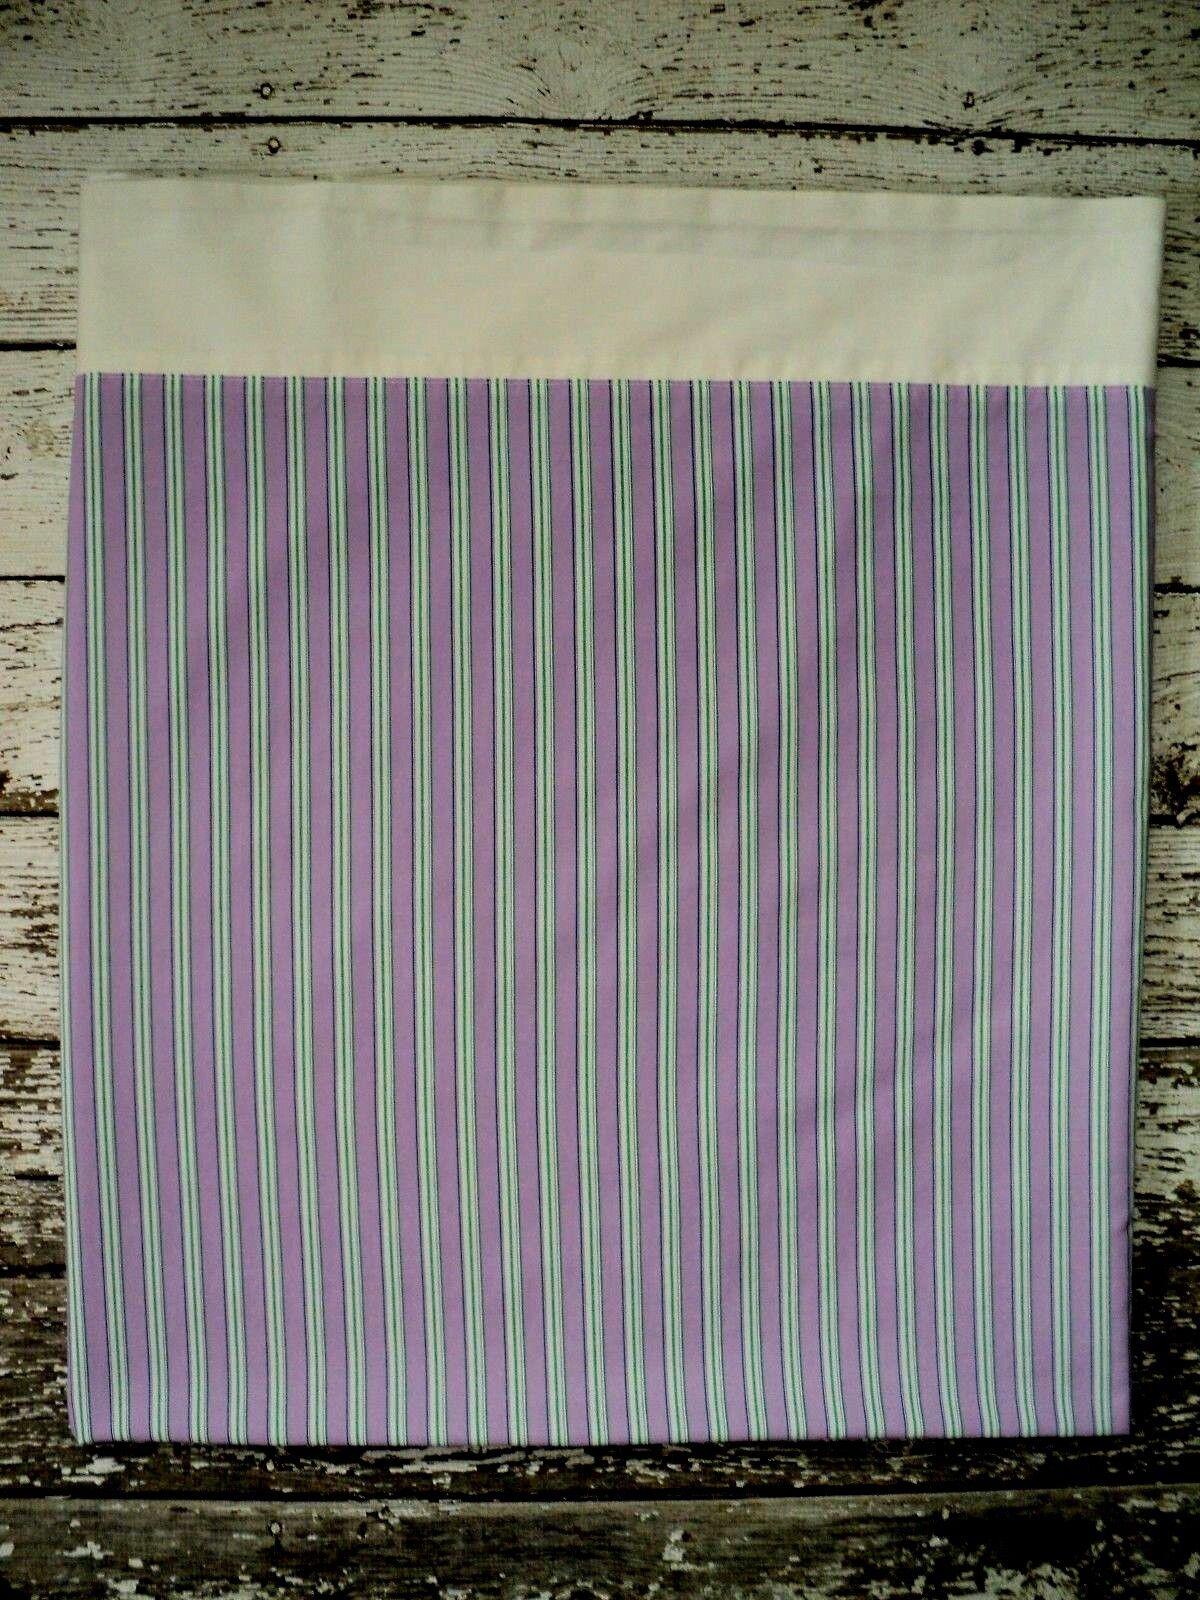 RALPH LAUREN Watermill Flat Sheet Queen Size Lavender French Stripe White Cuff